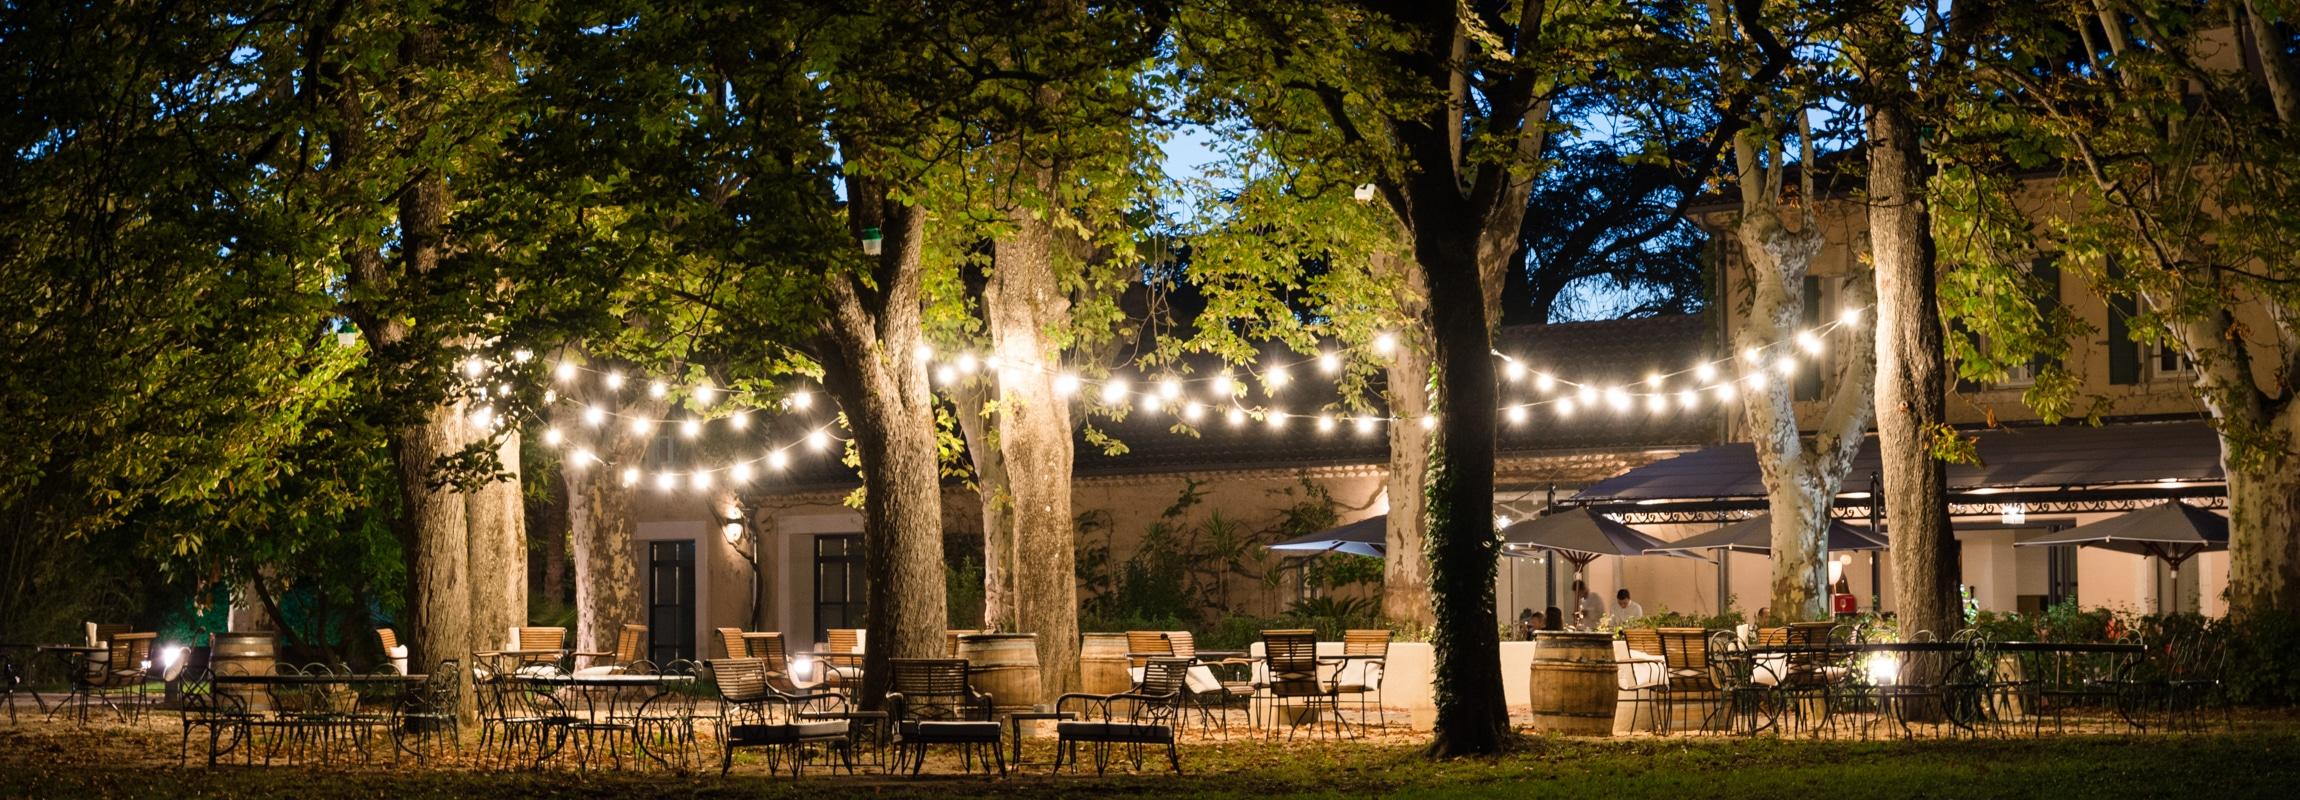 Der magische Platz unter den Kastanienbäumen. Dahinter das Bistro beim Abendservice.